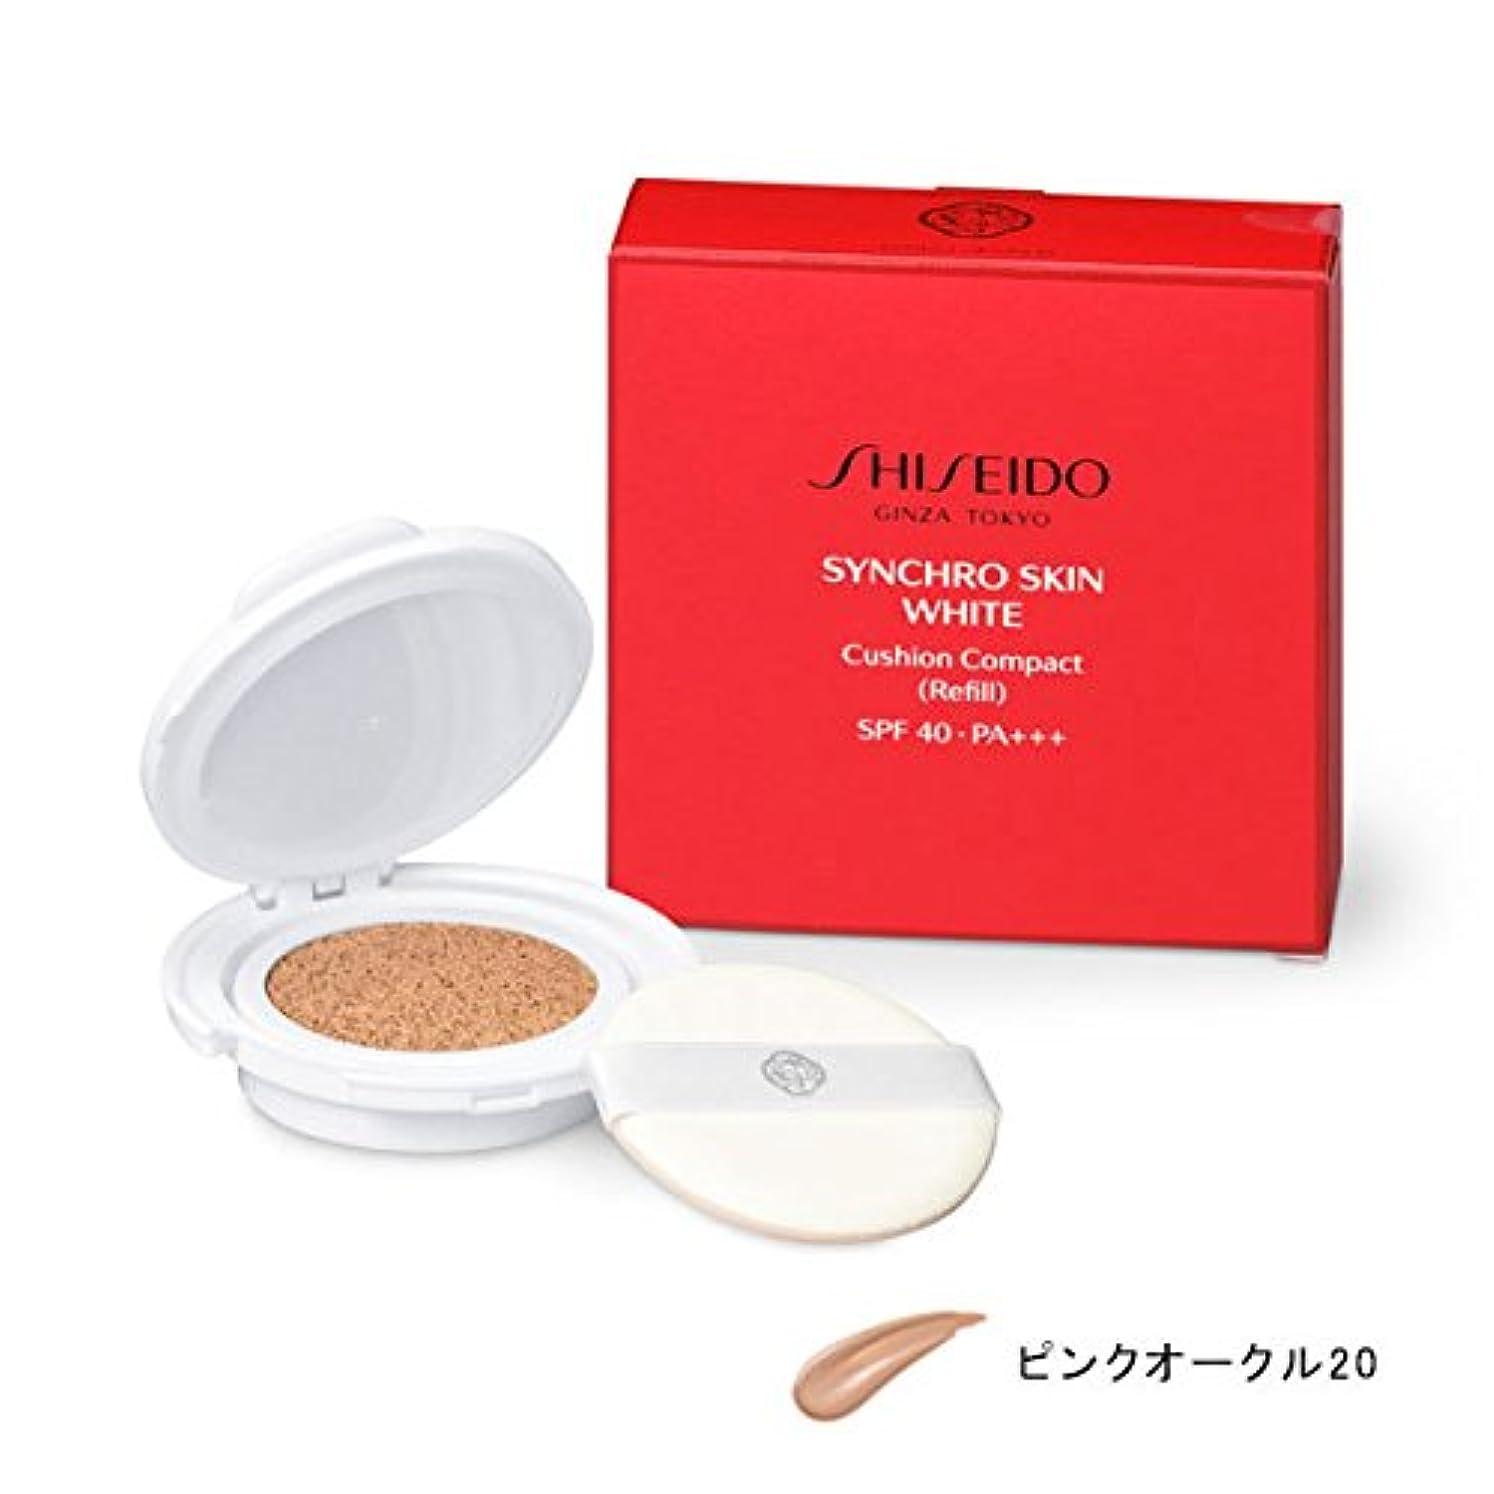 シプリー事業長さSHISEIDO Makeup(資生堂 メーキャップ) SHISEIDO(資生堂) シンクロスキン ホワイト クッションコンパクト WT レフィル(医薬部外品) (オークル20)